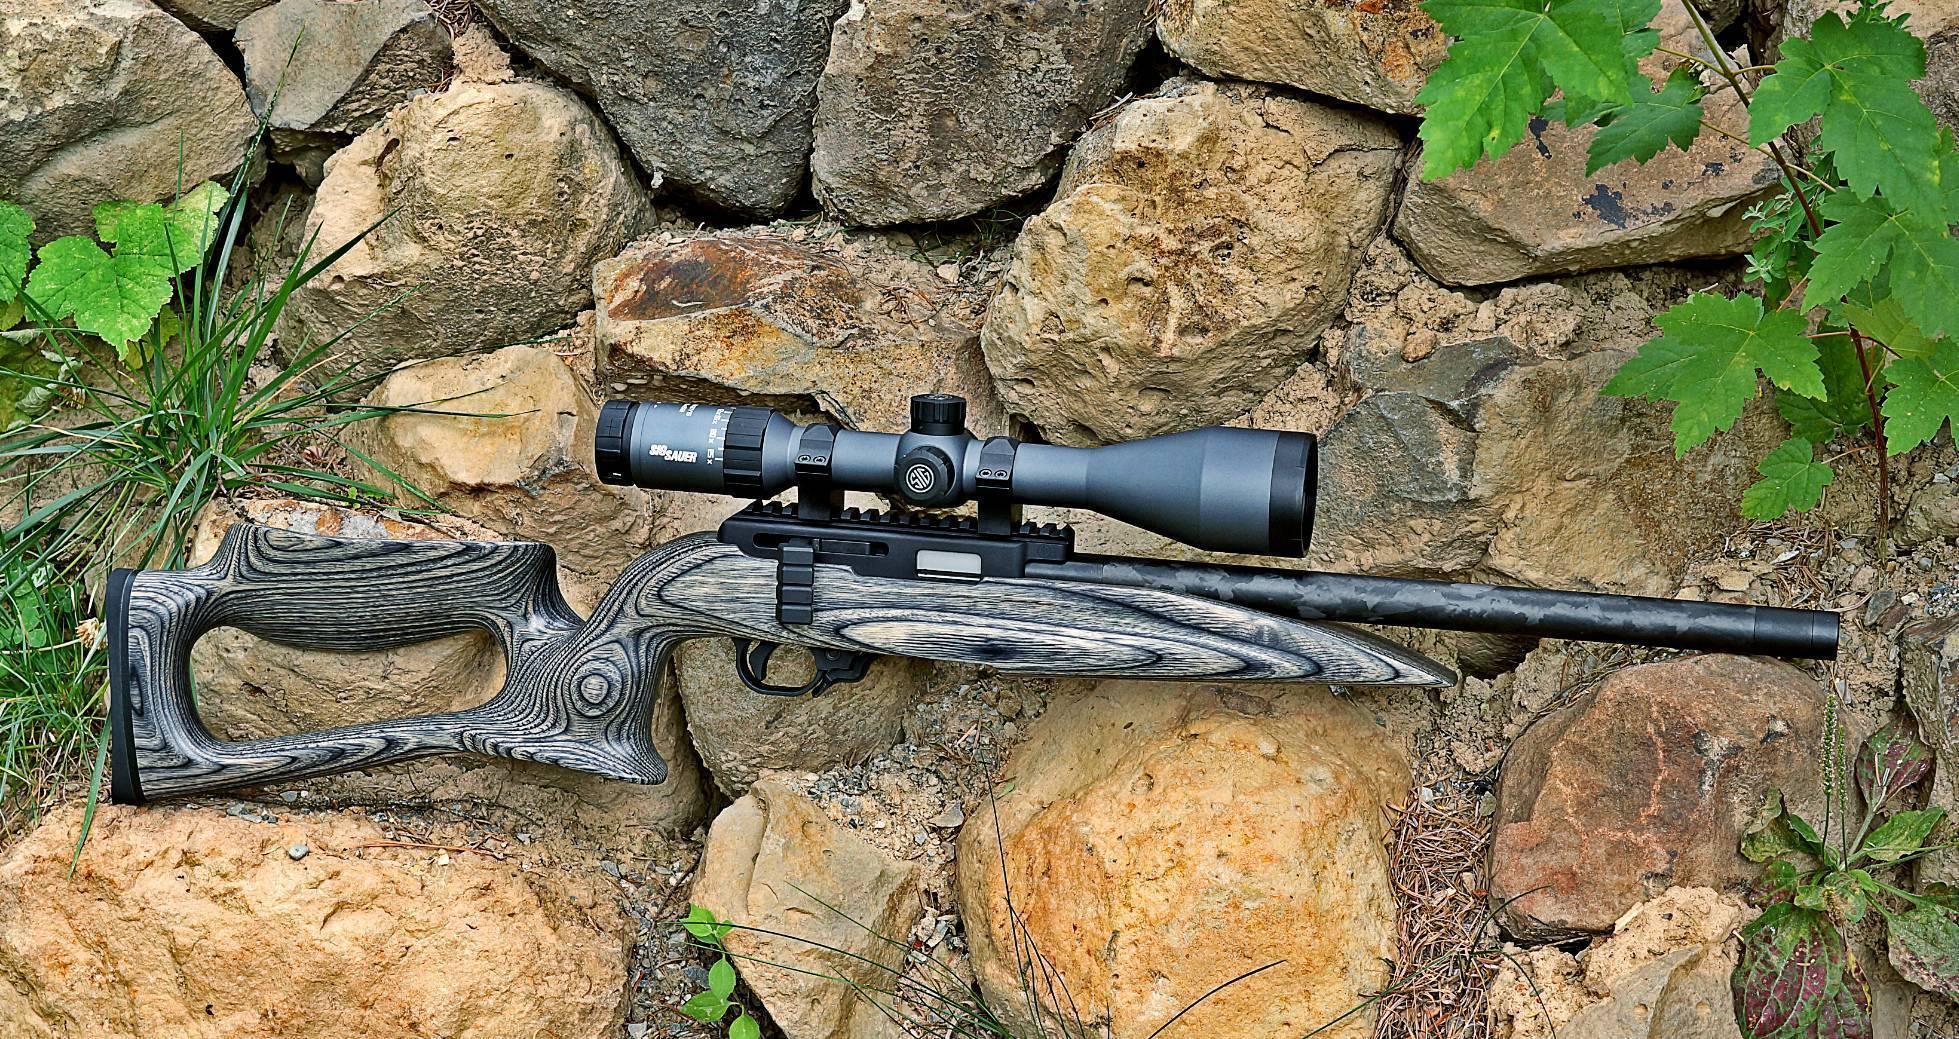 Лучшее оружие fallout 4: пистолеты, автоматы, карабины, дробовики, винтовки, экзотика